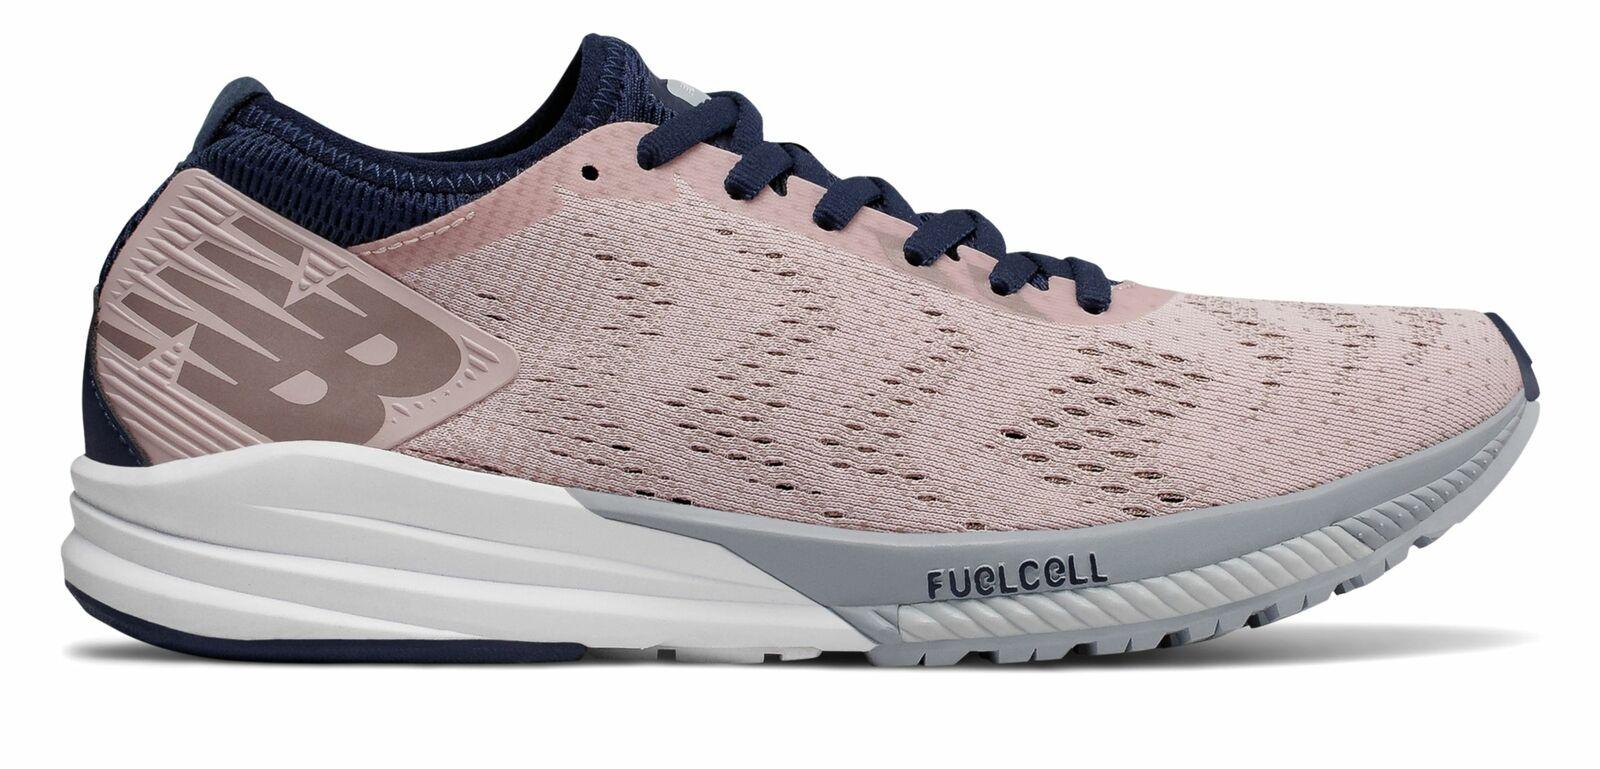 New Balance Damen US 9 Eu 40.5 Breit Fuel Cell Impulse Laufen Schuhe